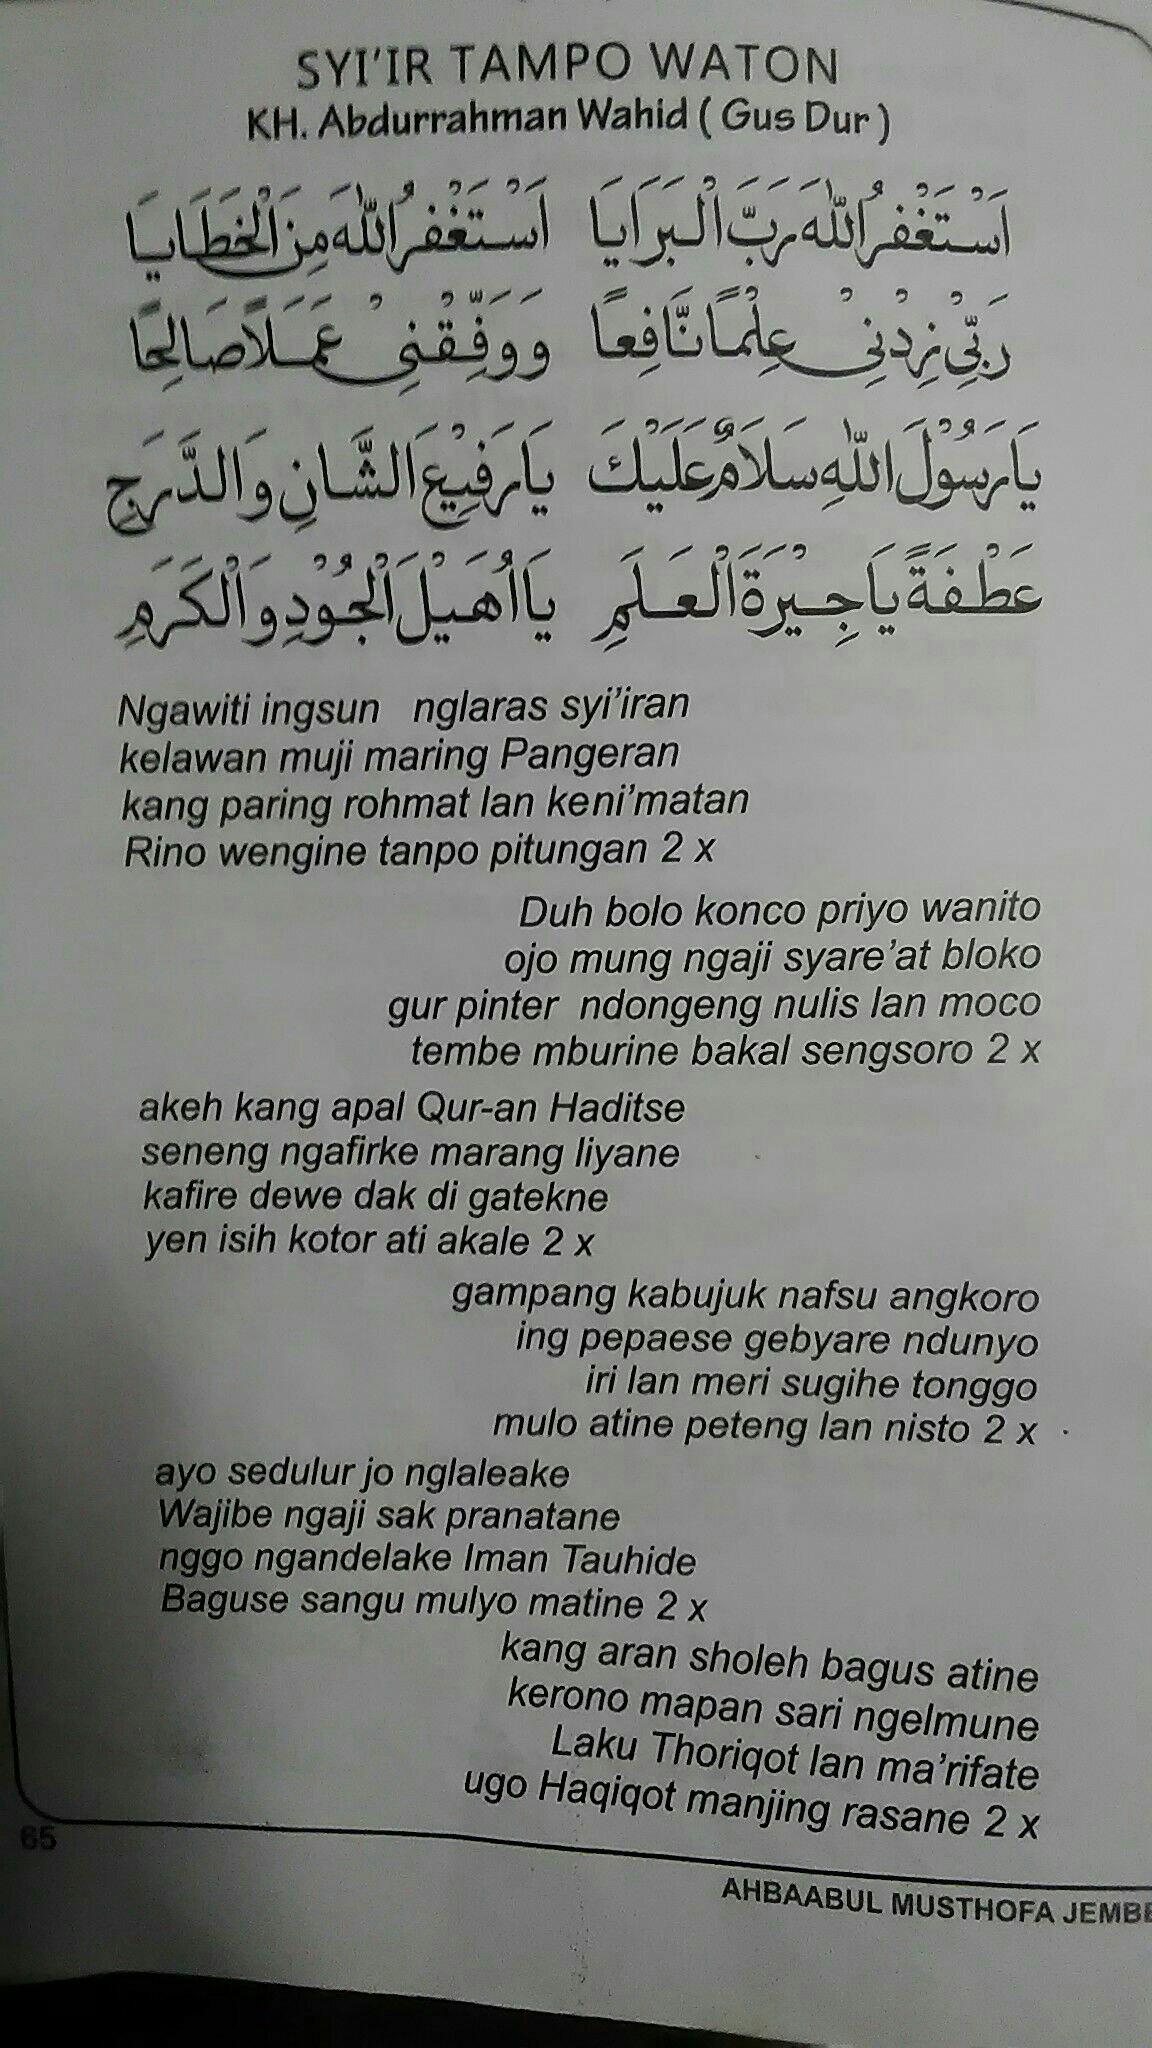 Syiir Tanpo Waton Gusdur : syiir, tanpo, waton, gusdur, Syair, Tanpo, Waton, KH.ABDURRAHMAN, WAHID(GUSDUR), Muslimin, Muslimat